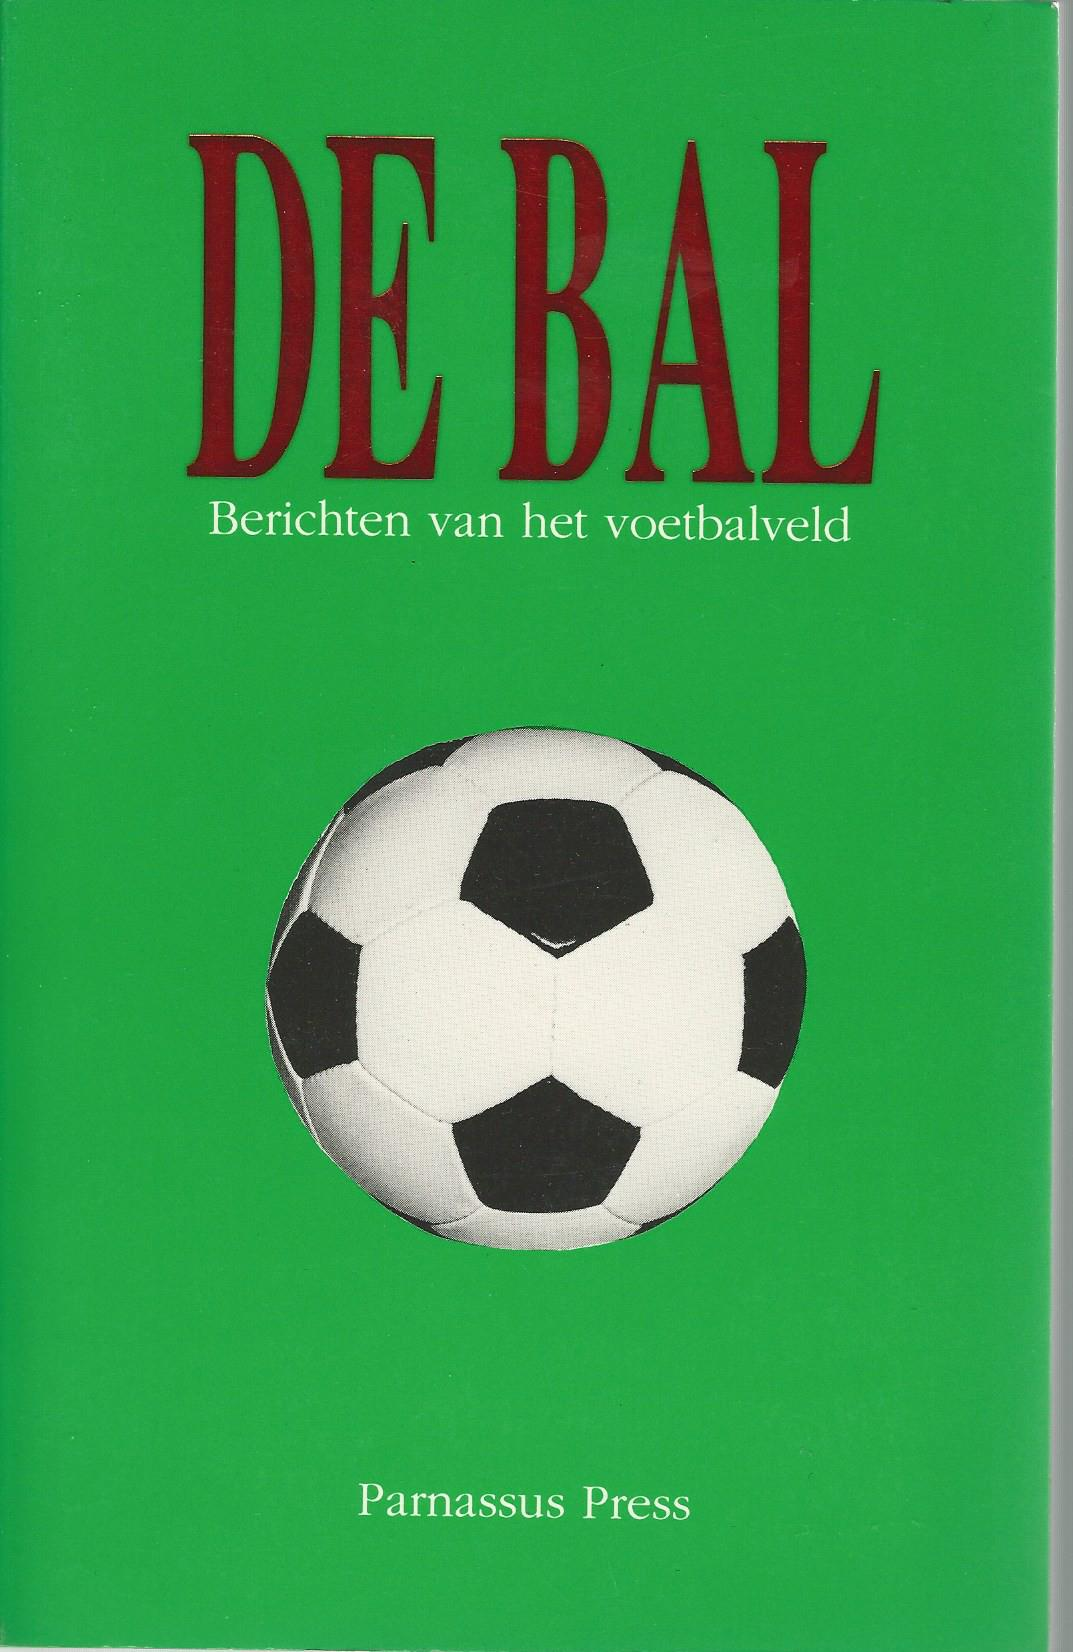 DIVERSE - De bal -Berichten van het voetbalveld